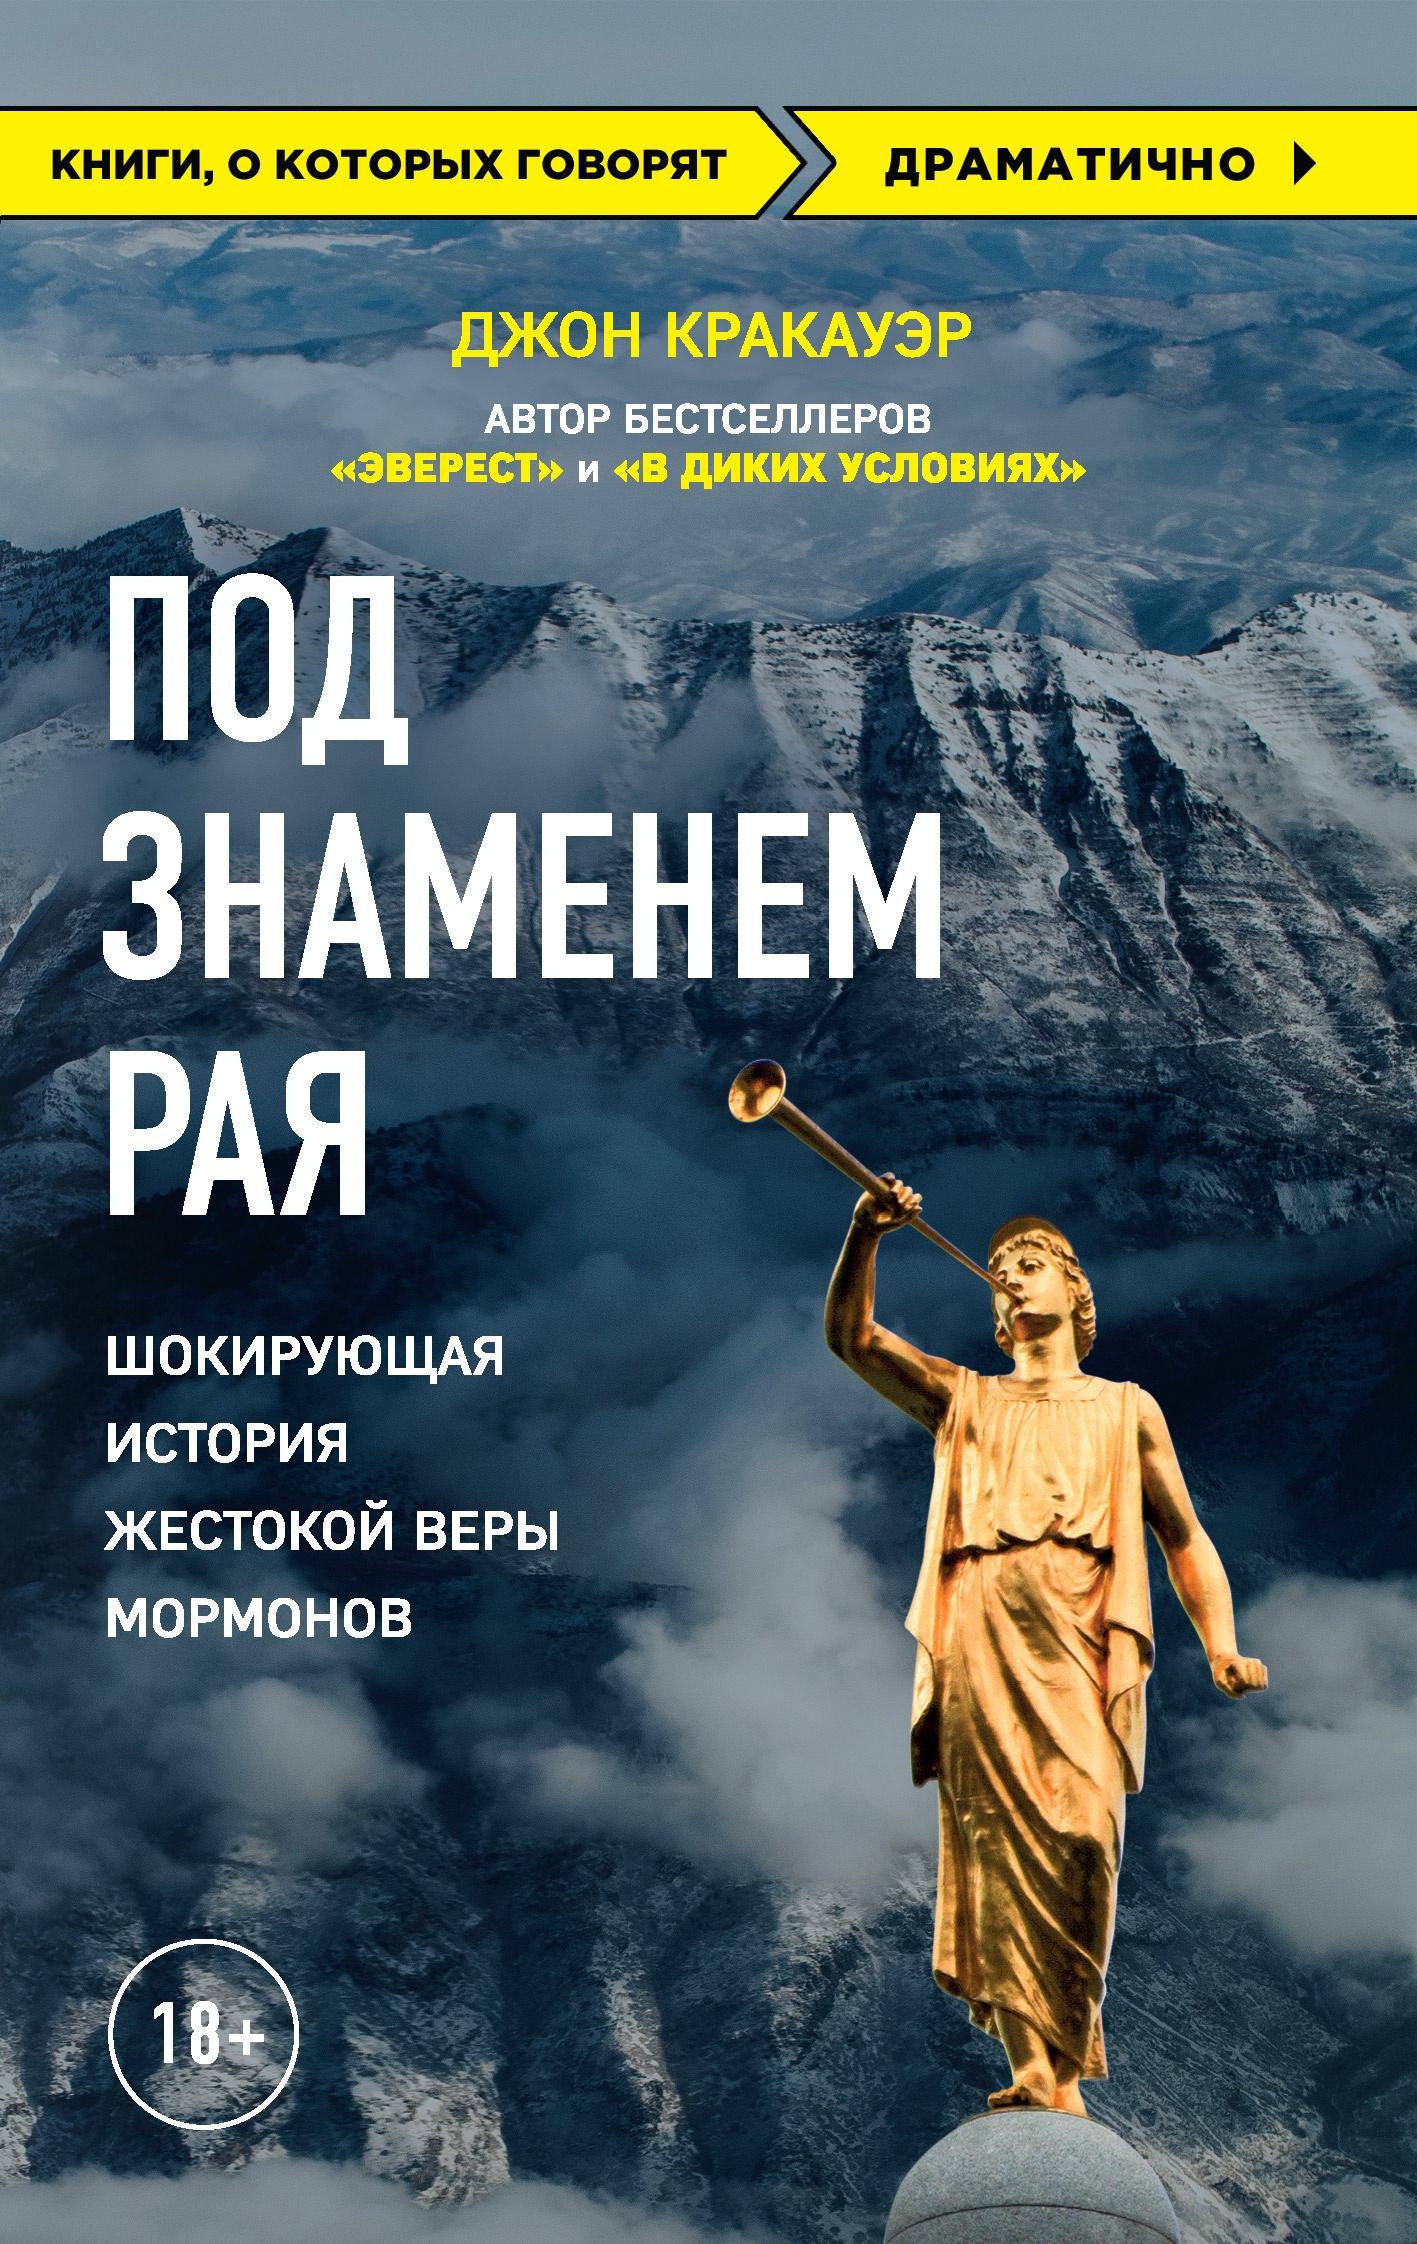 Под знаменем Рая. История жестокой веры мормонов. Автор — Джон Кракауэр. Переплет —